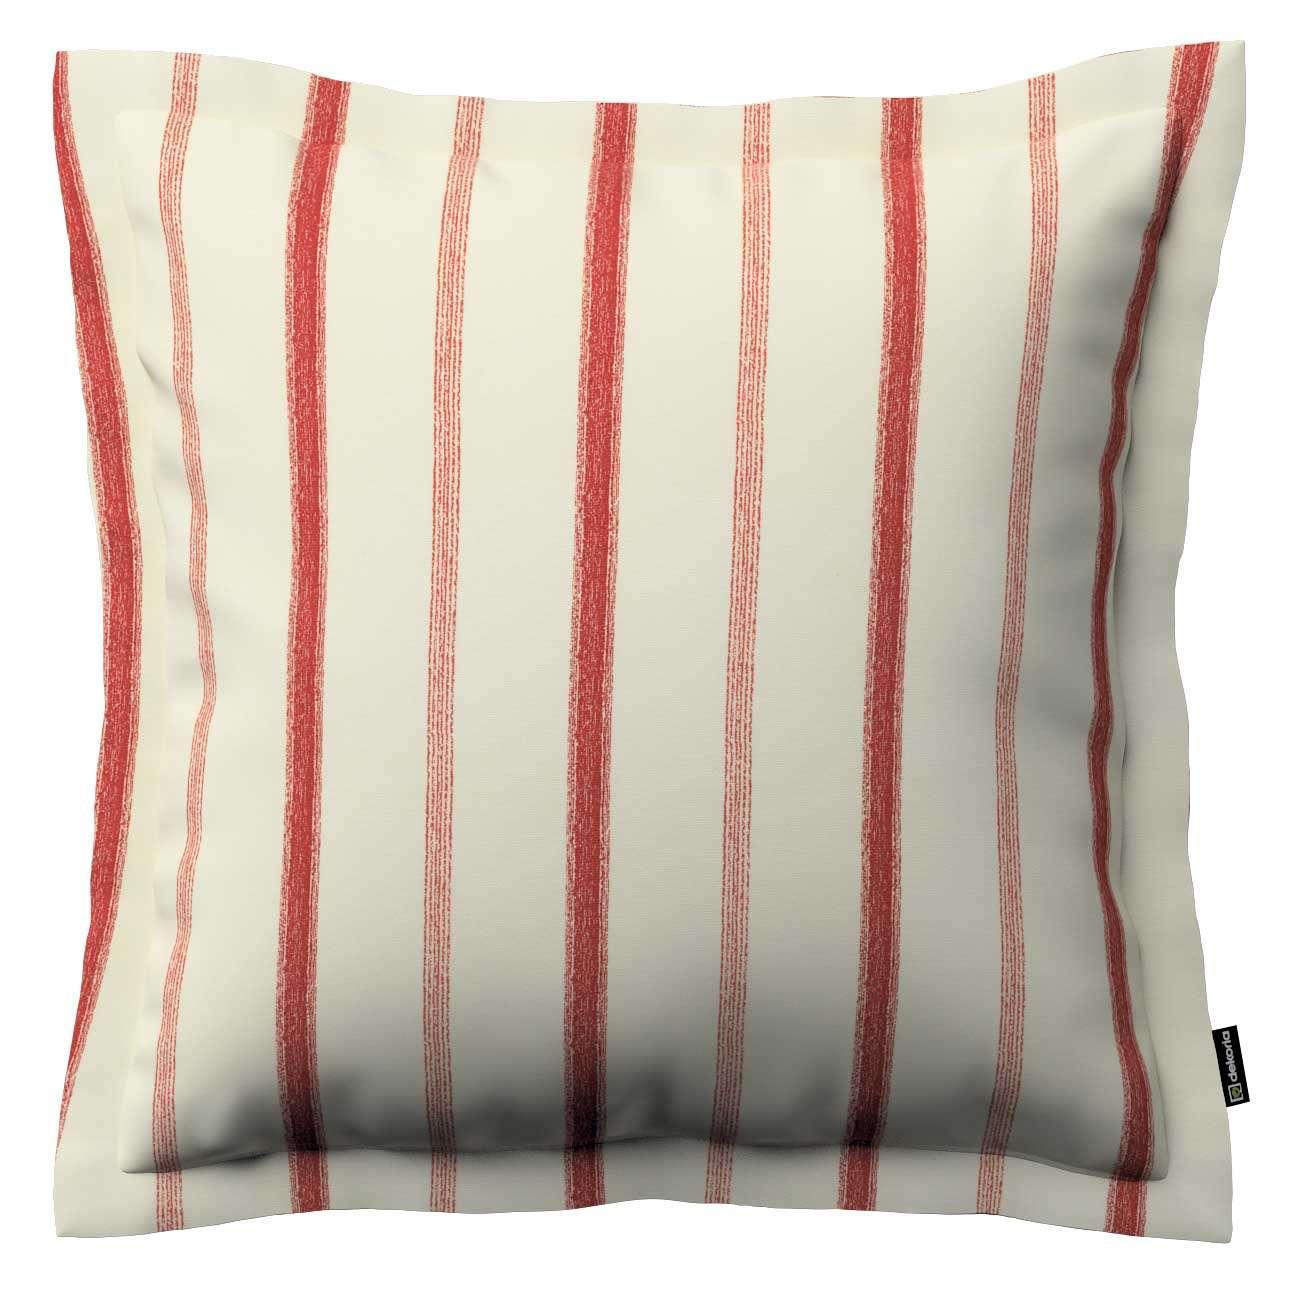 Poszewka Mona na poduszkę 45x45 cm w kolekcji Avinon, tkanina: 129-15